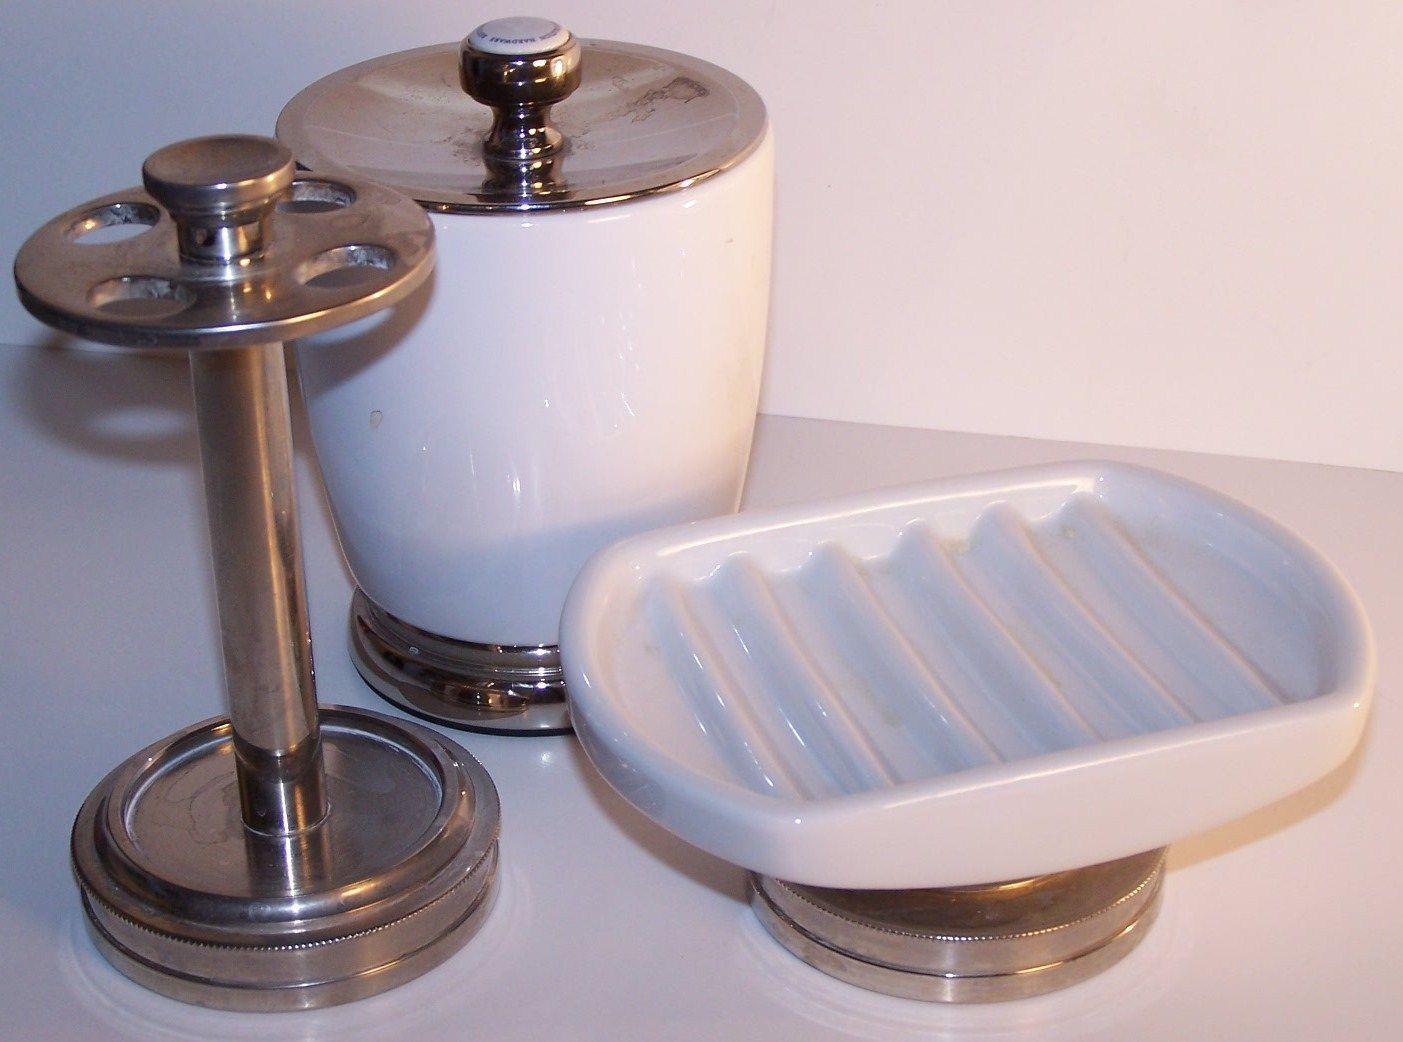 Vintage White Porcelain Brushed Nickel Craftsman Style Bathroom